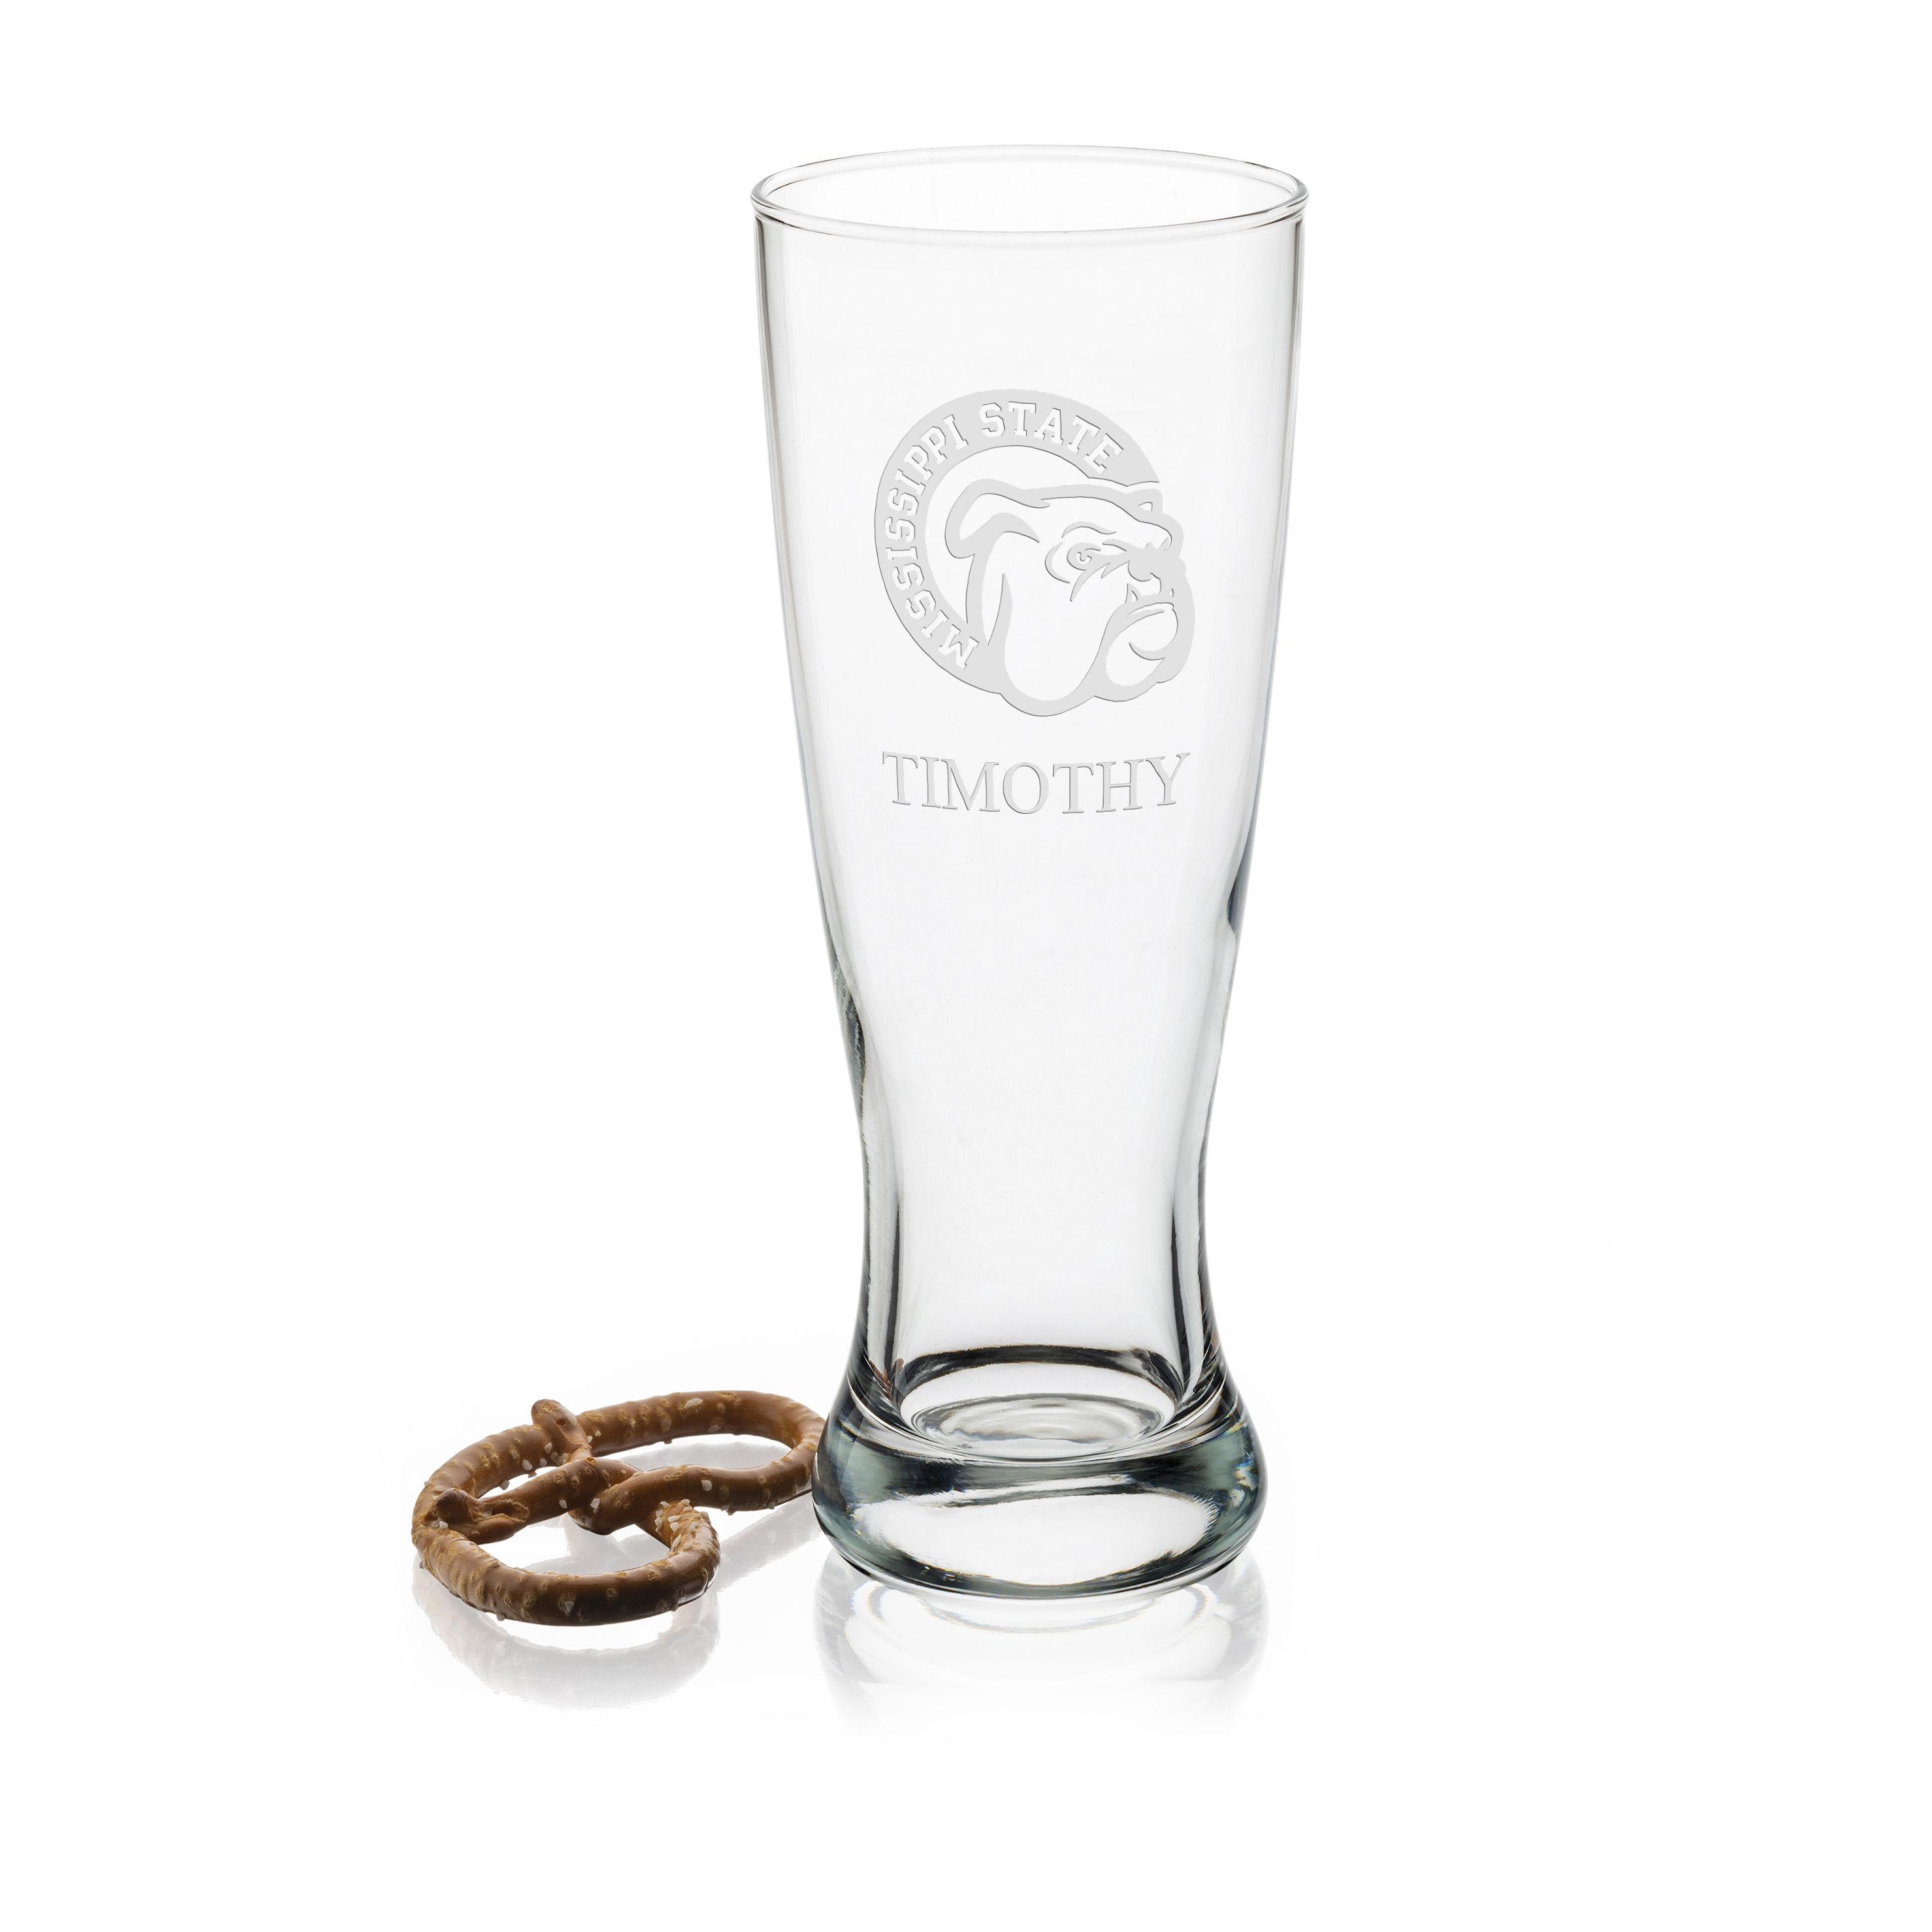 Mississippi State 20oz Pilsner Glasses - Set of 2